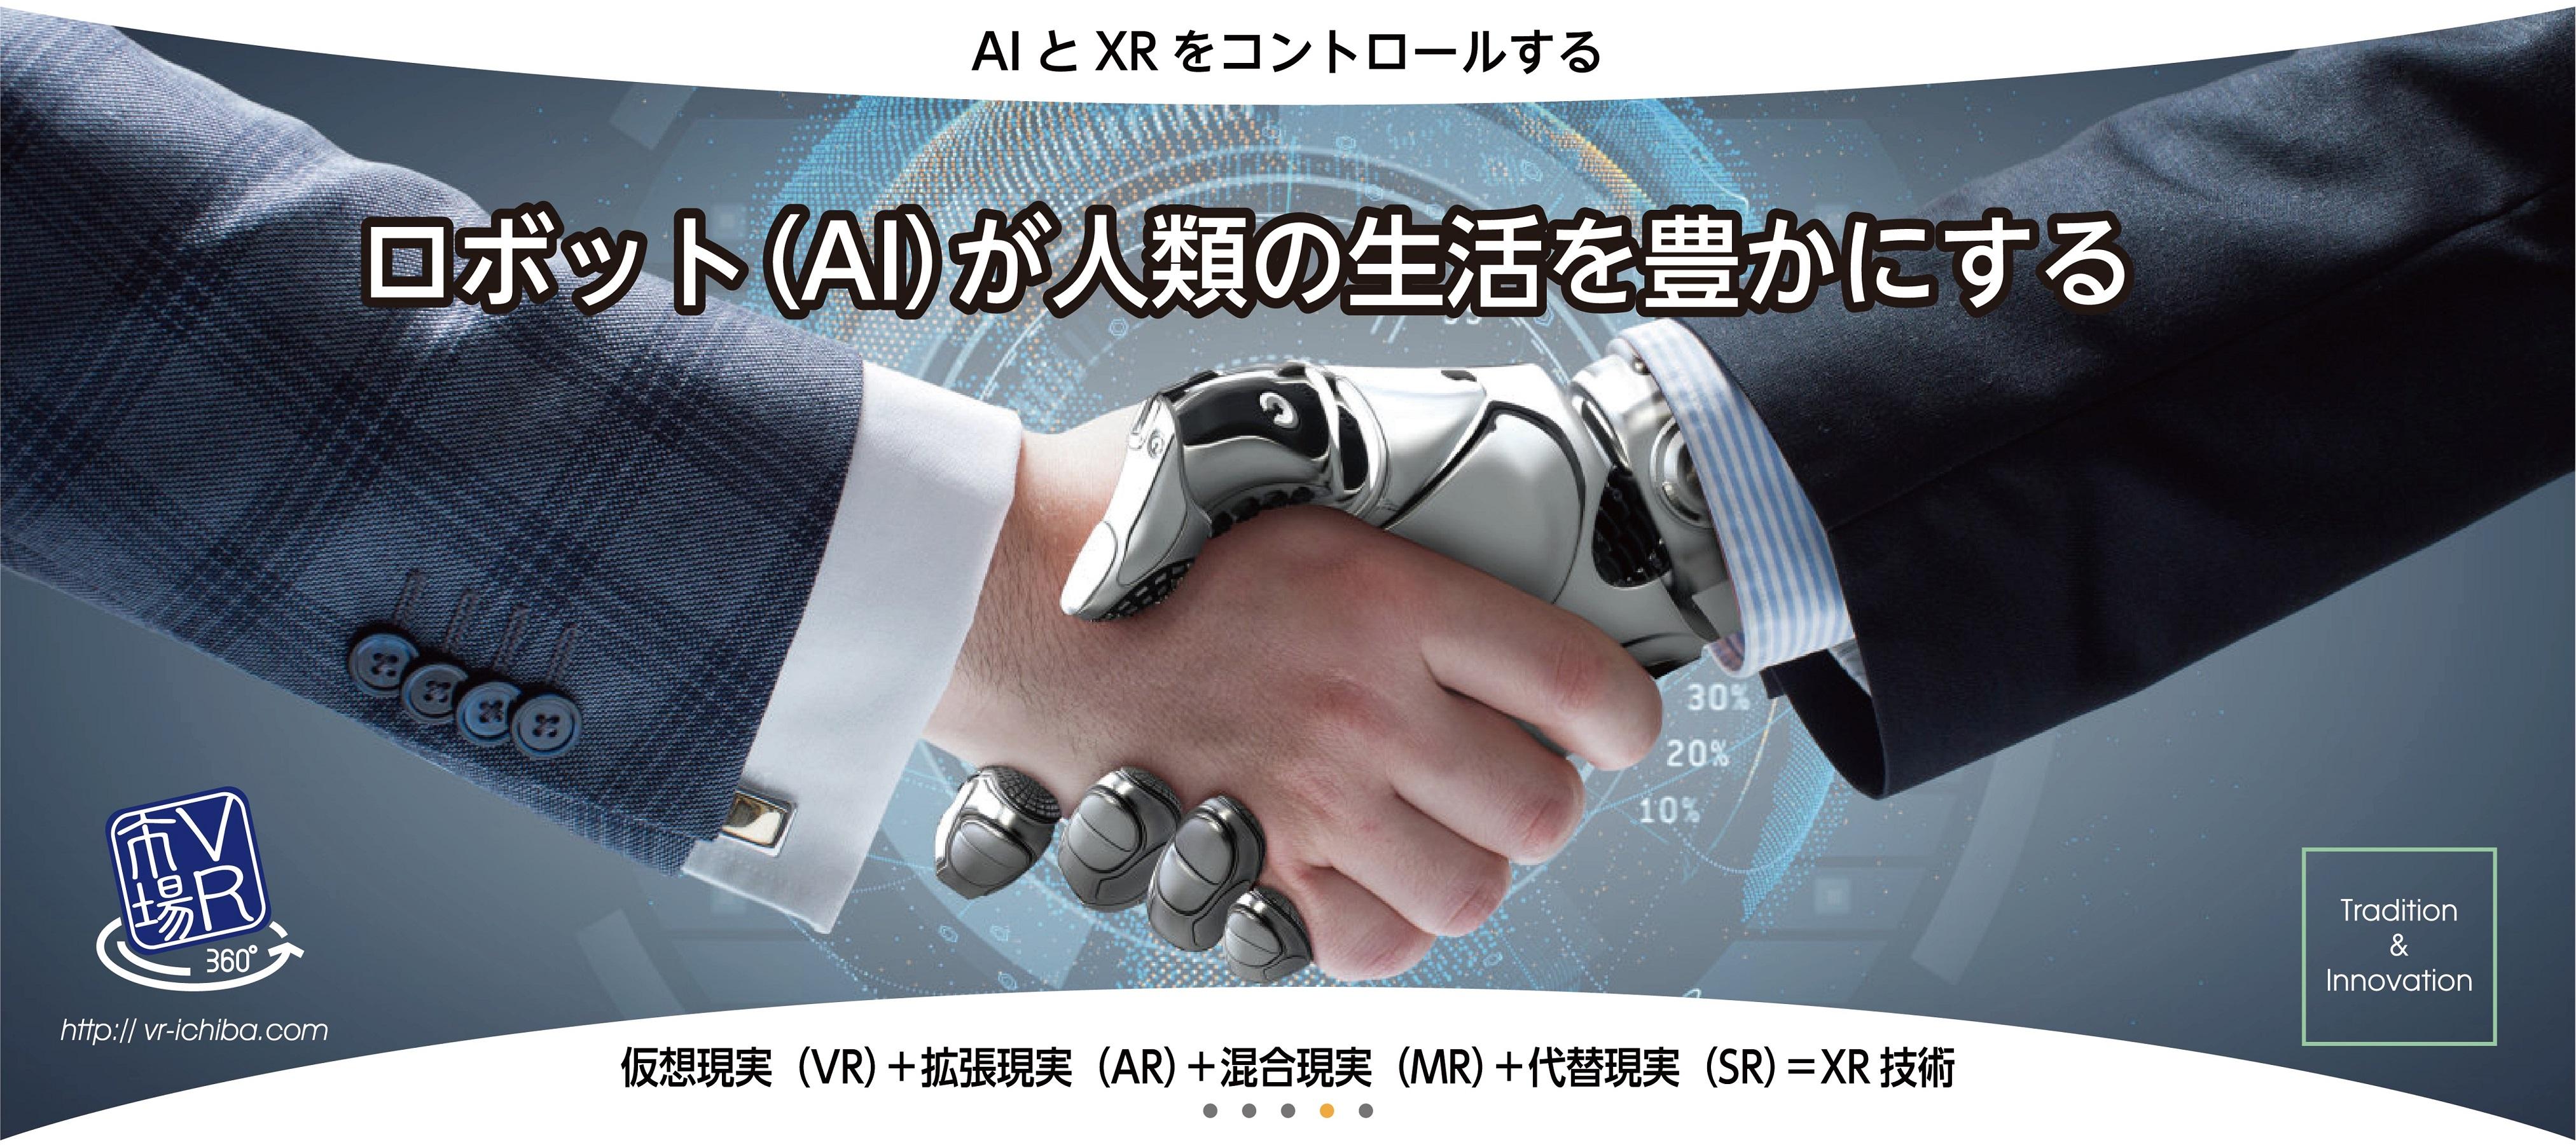 AIとXRをコントロールする。